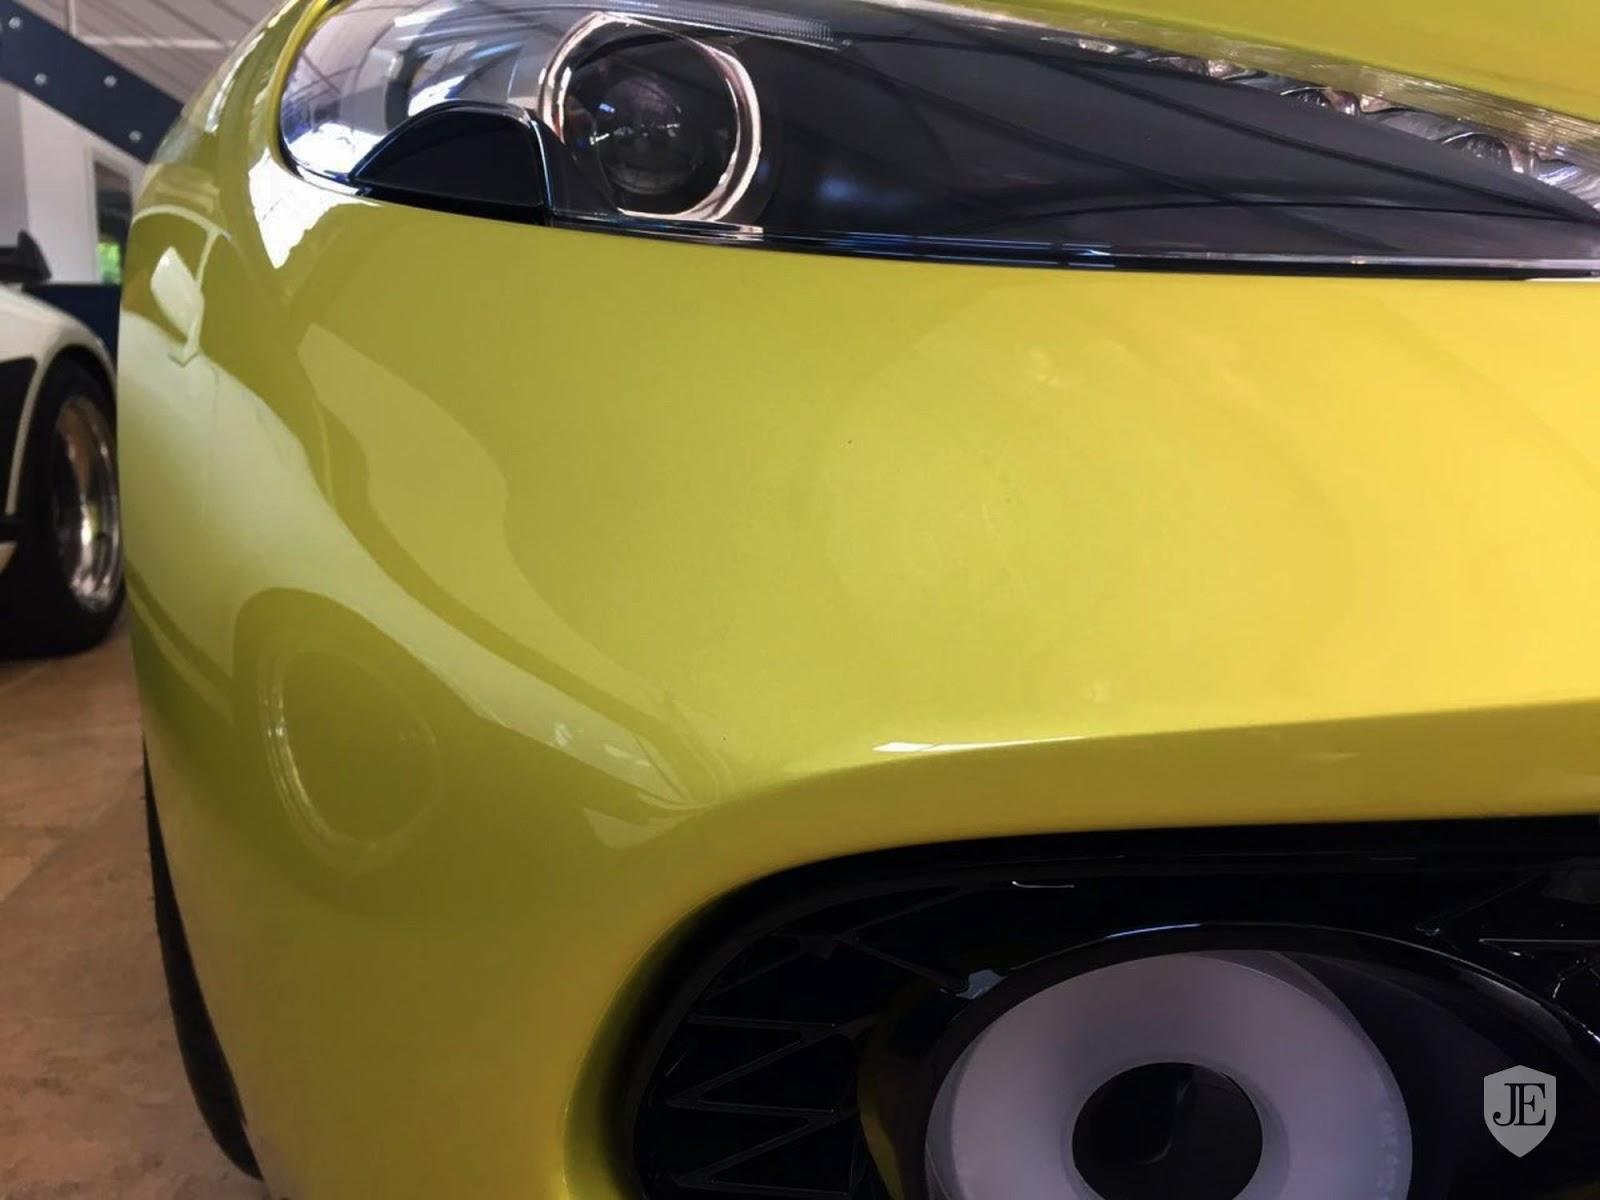 Aston Martin Vanquish Zagato yellow (12)